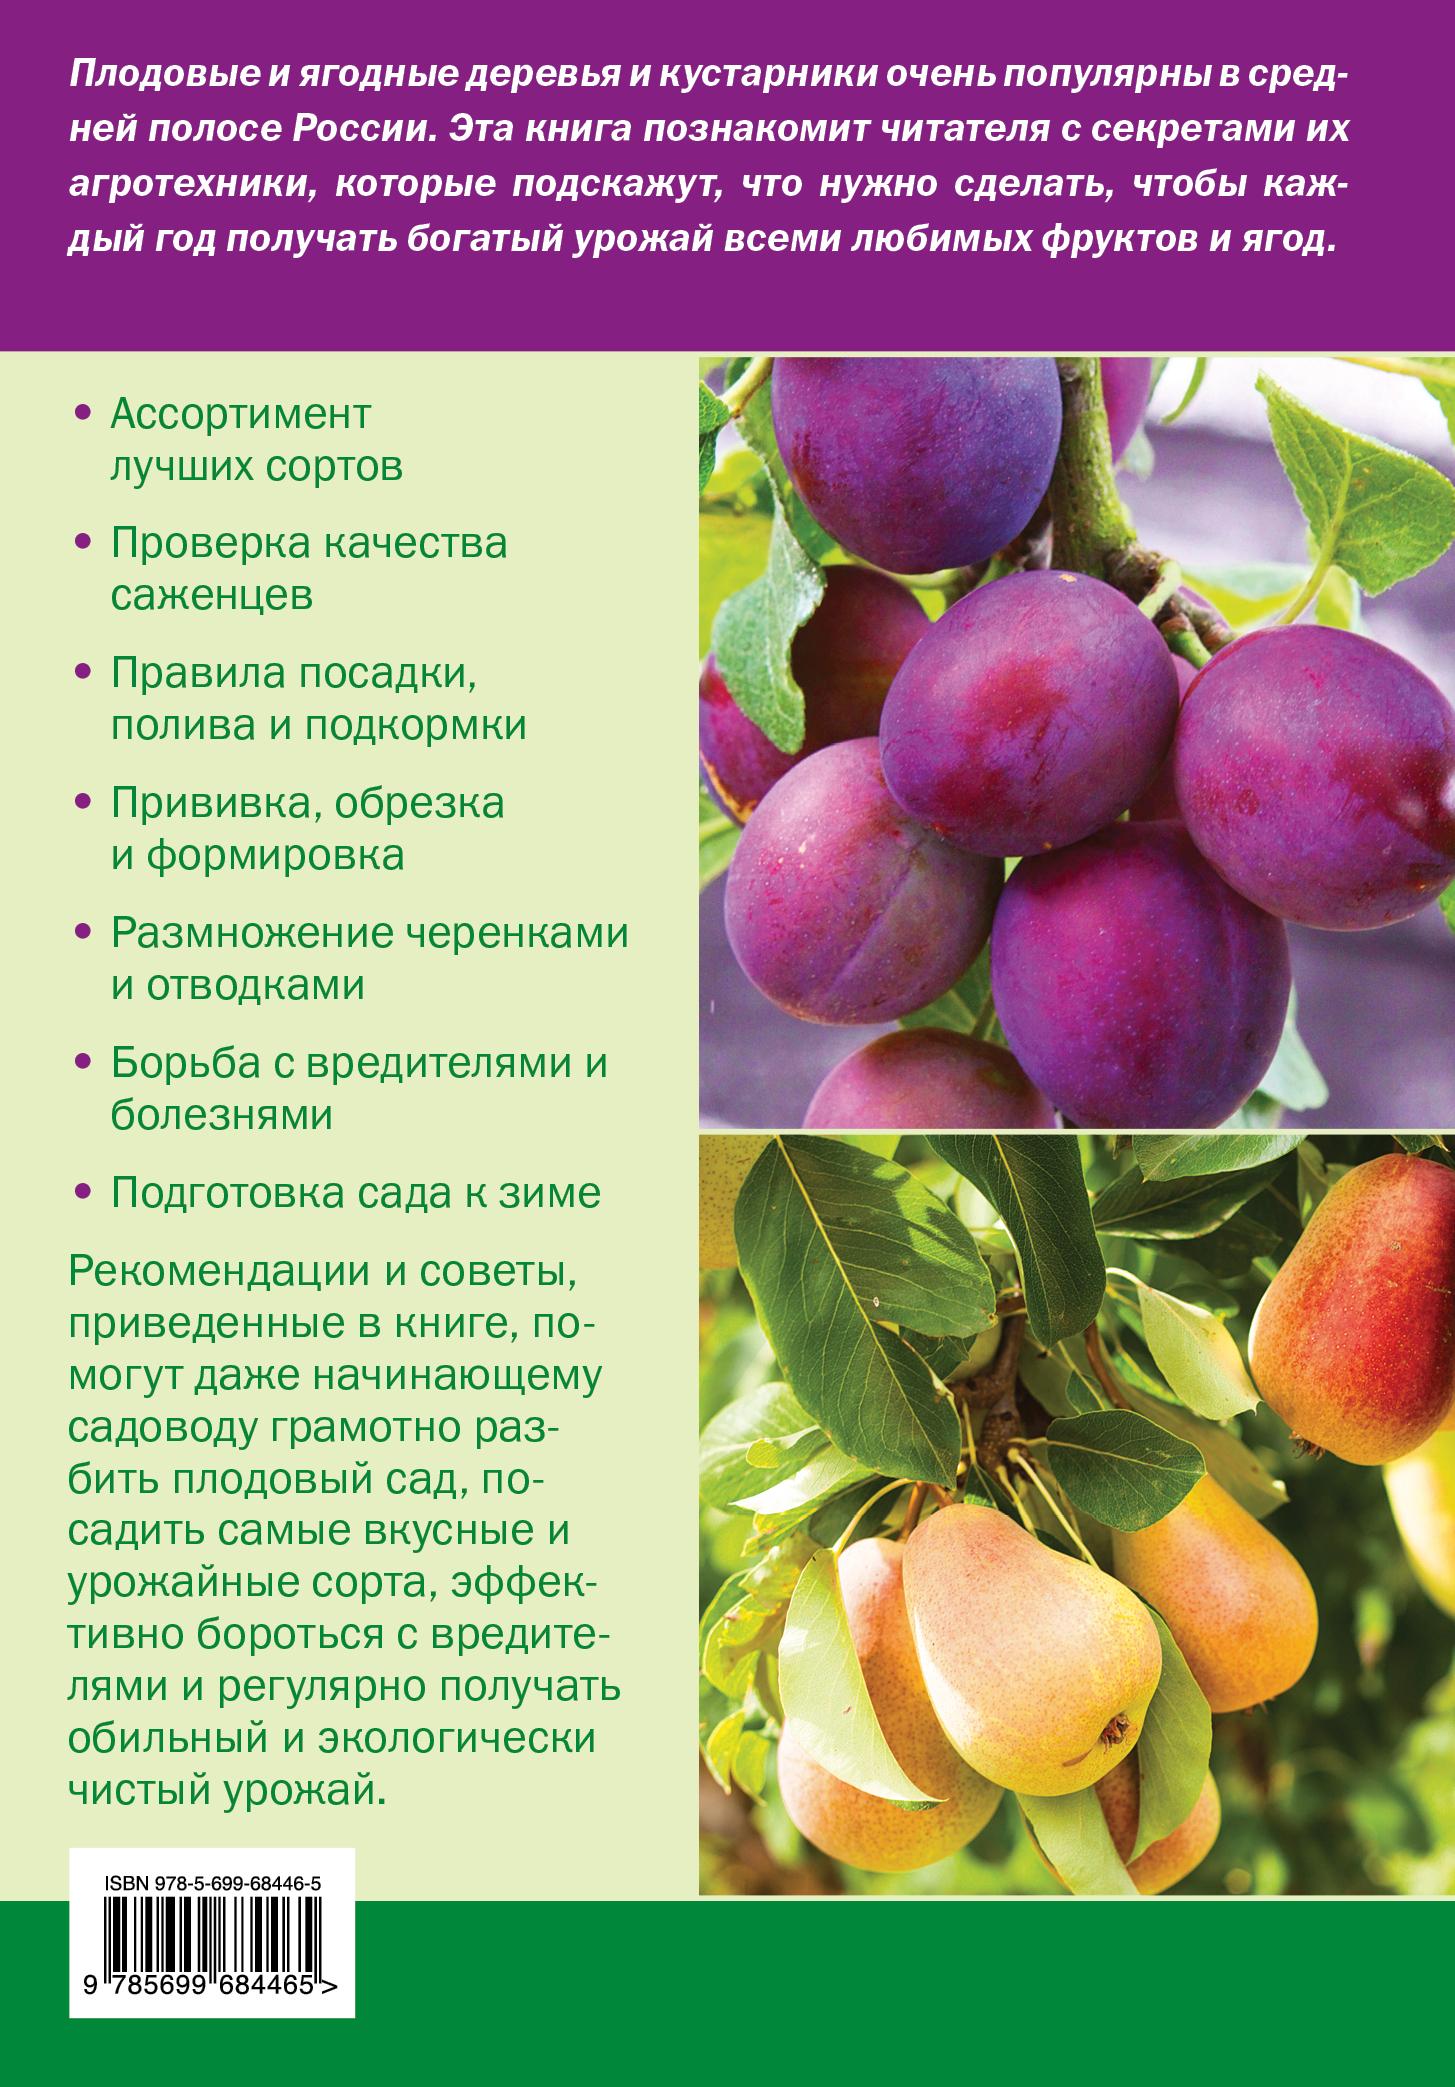 Плодовые и ягодные культуры